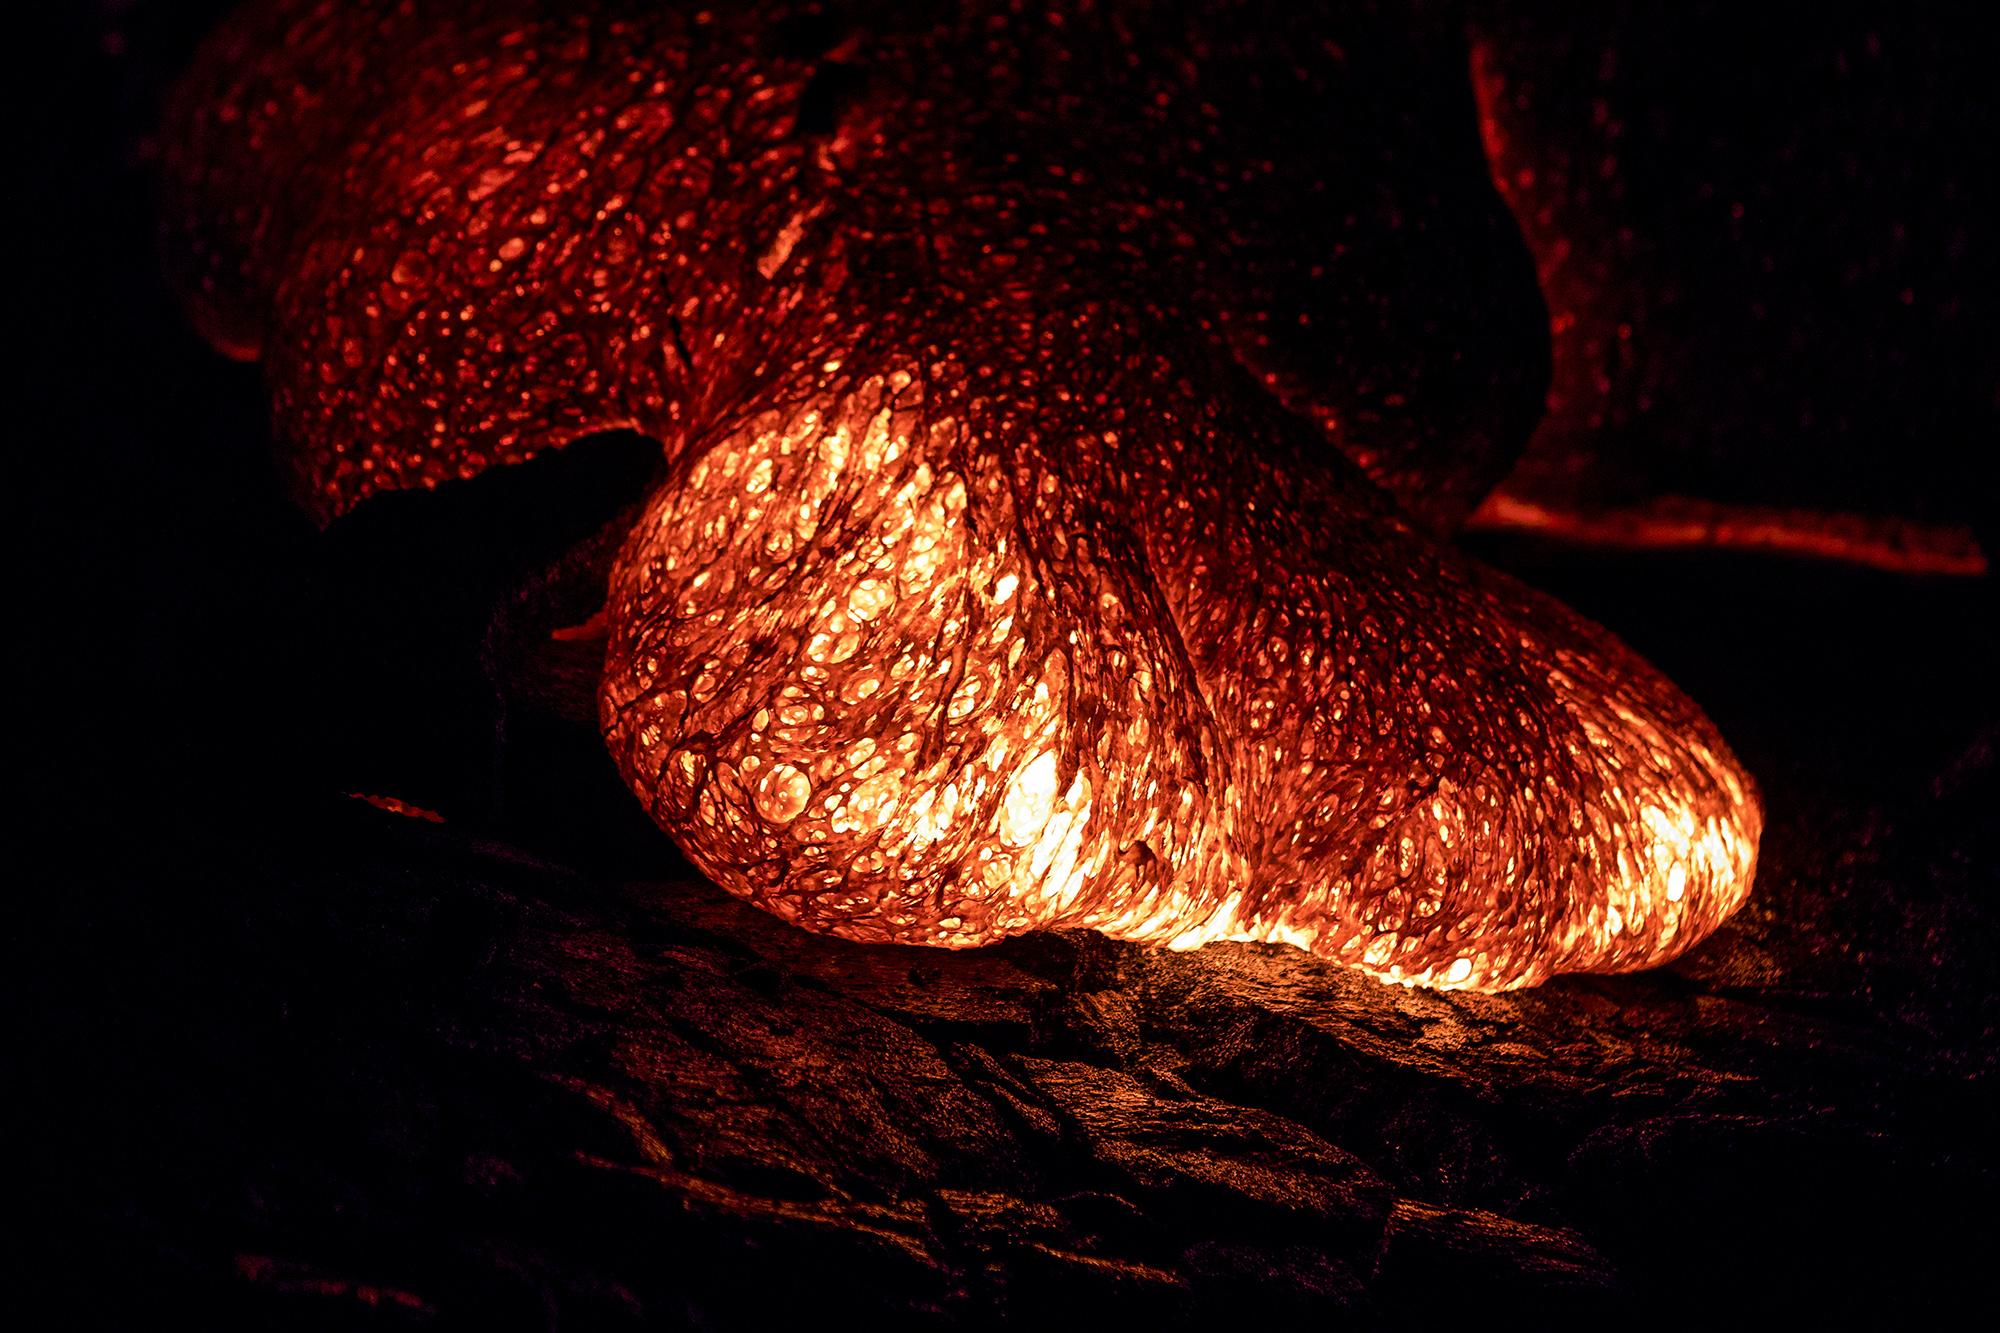 Coulée de lave du Puʻu ʻŌʻō Crater de Hawaii Volcanoes National Park sur l'île Big Island de l'archipel de Hawaï